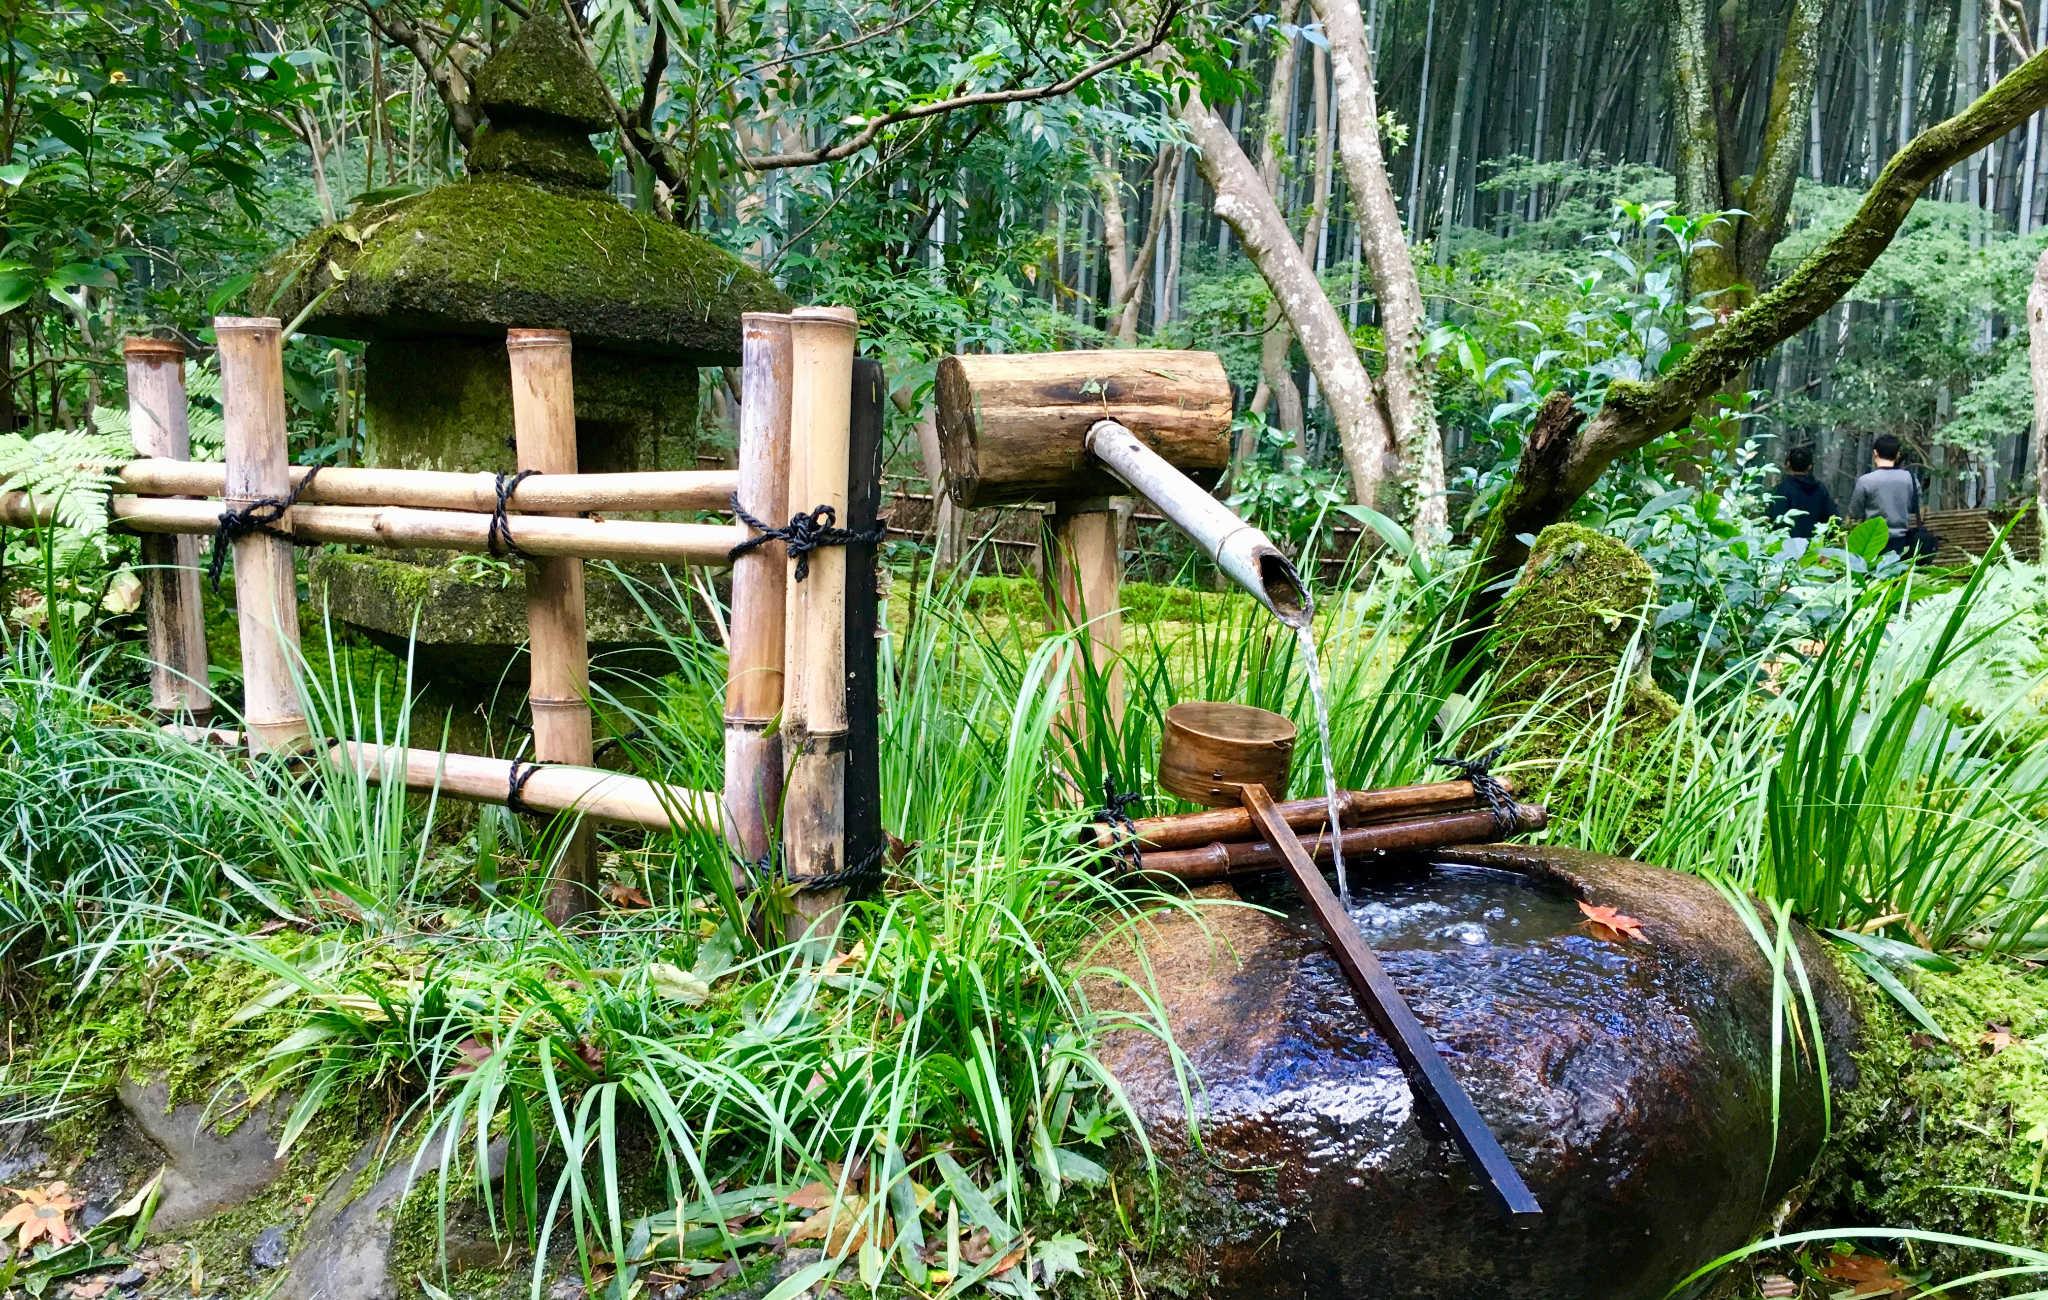 gio ji l 39 autre fabuleux jardin de mousse kyoto. Black Bedroom Furniture Sets. Home Design Ideas